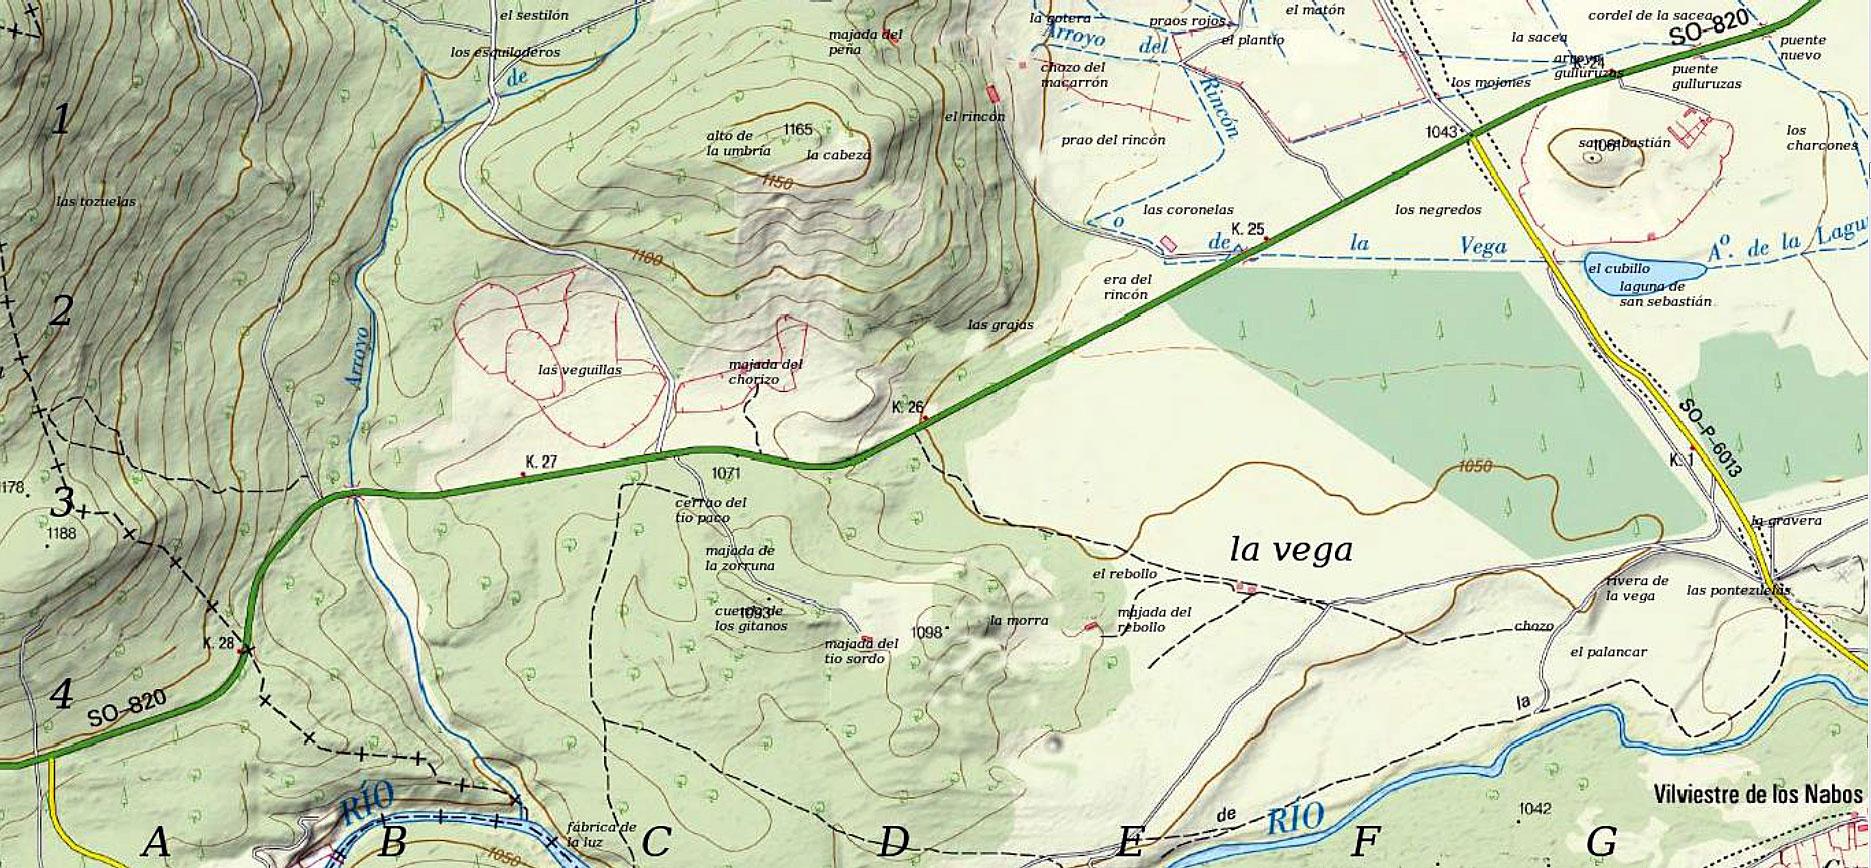 El Royo: La Vega